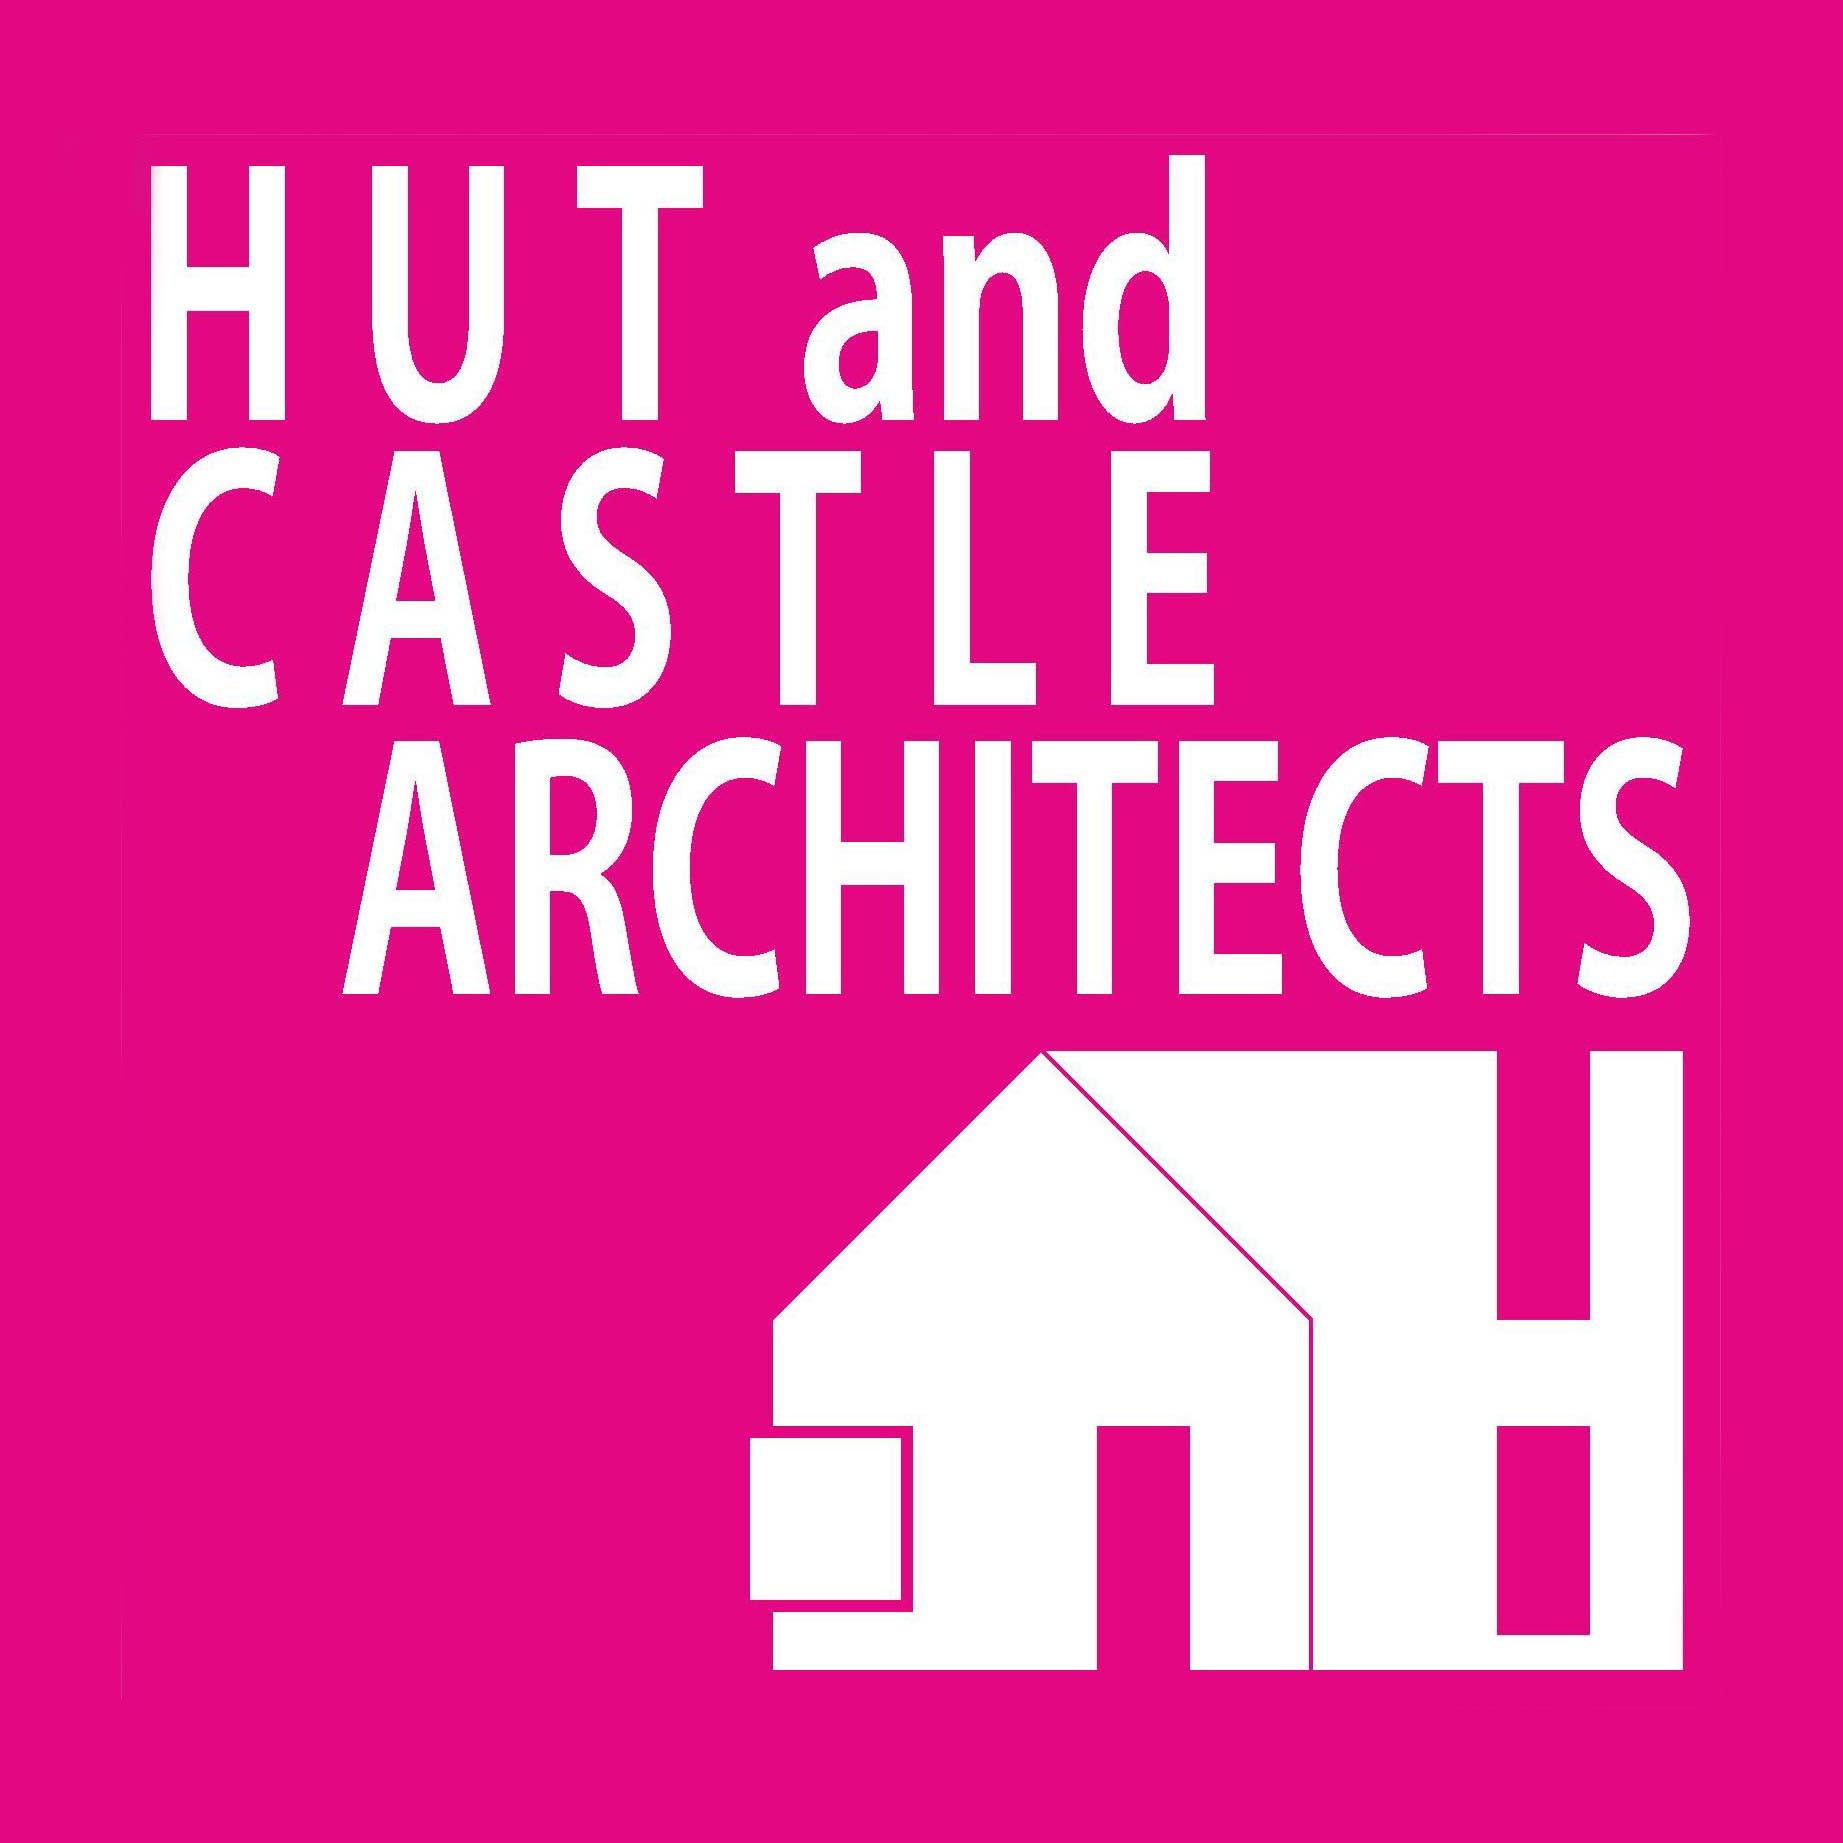 Architectural service call 1